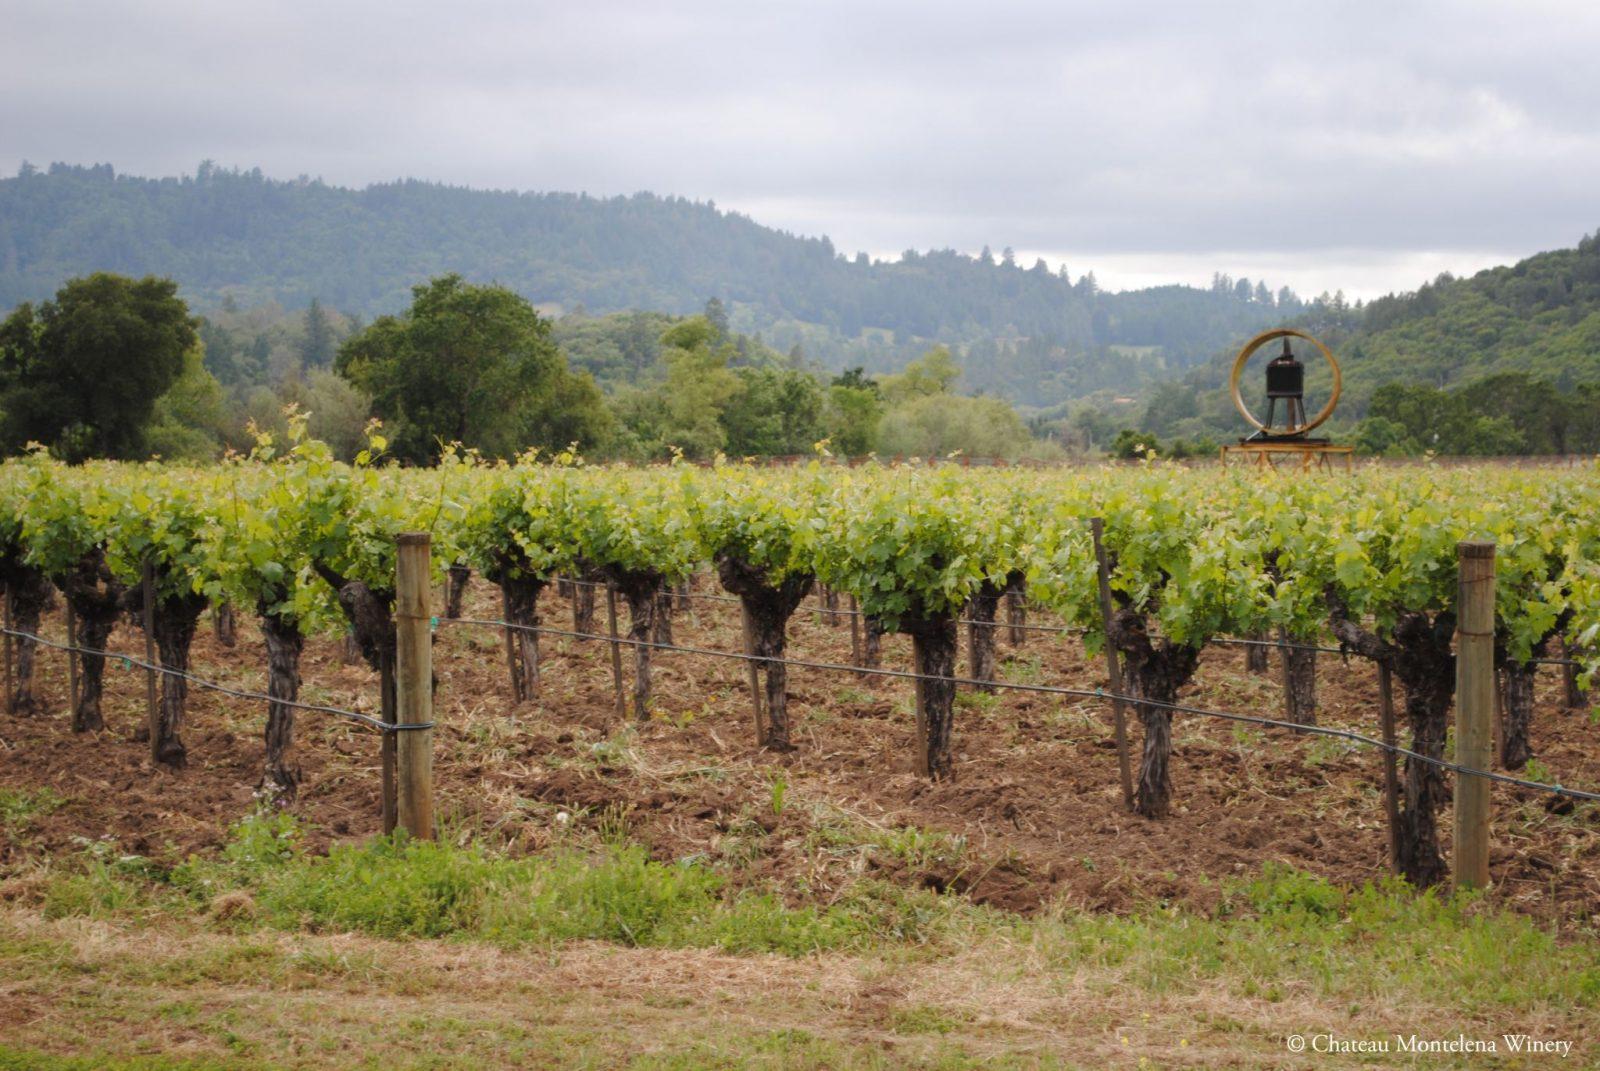 Шардоне на виноградниках Шато Монтелена